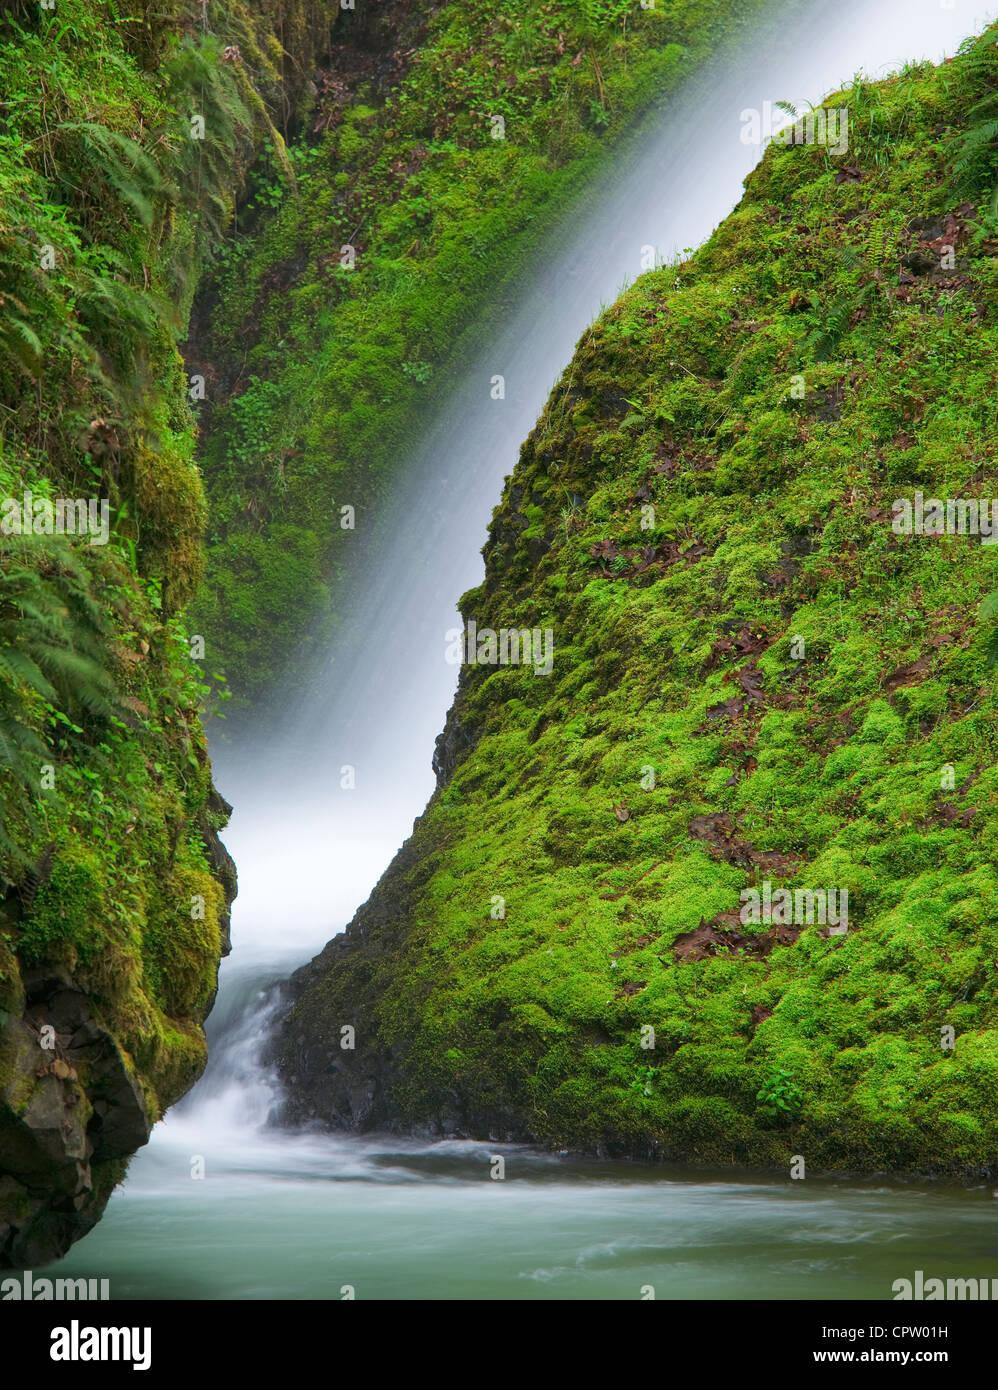 Mount Hood National Forest, ou: Détail de Bridal Veil Falls et des roches couvertes de mousse Photo Stock